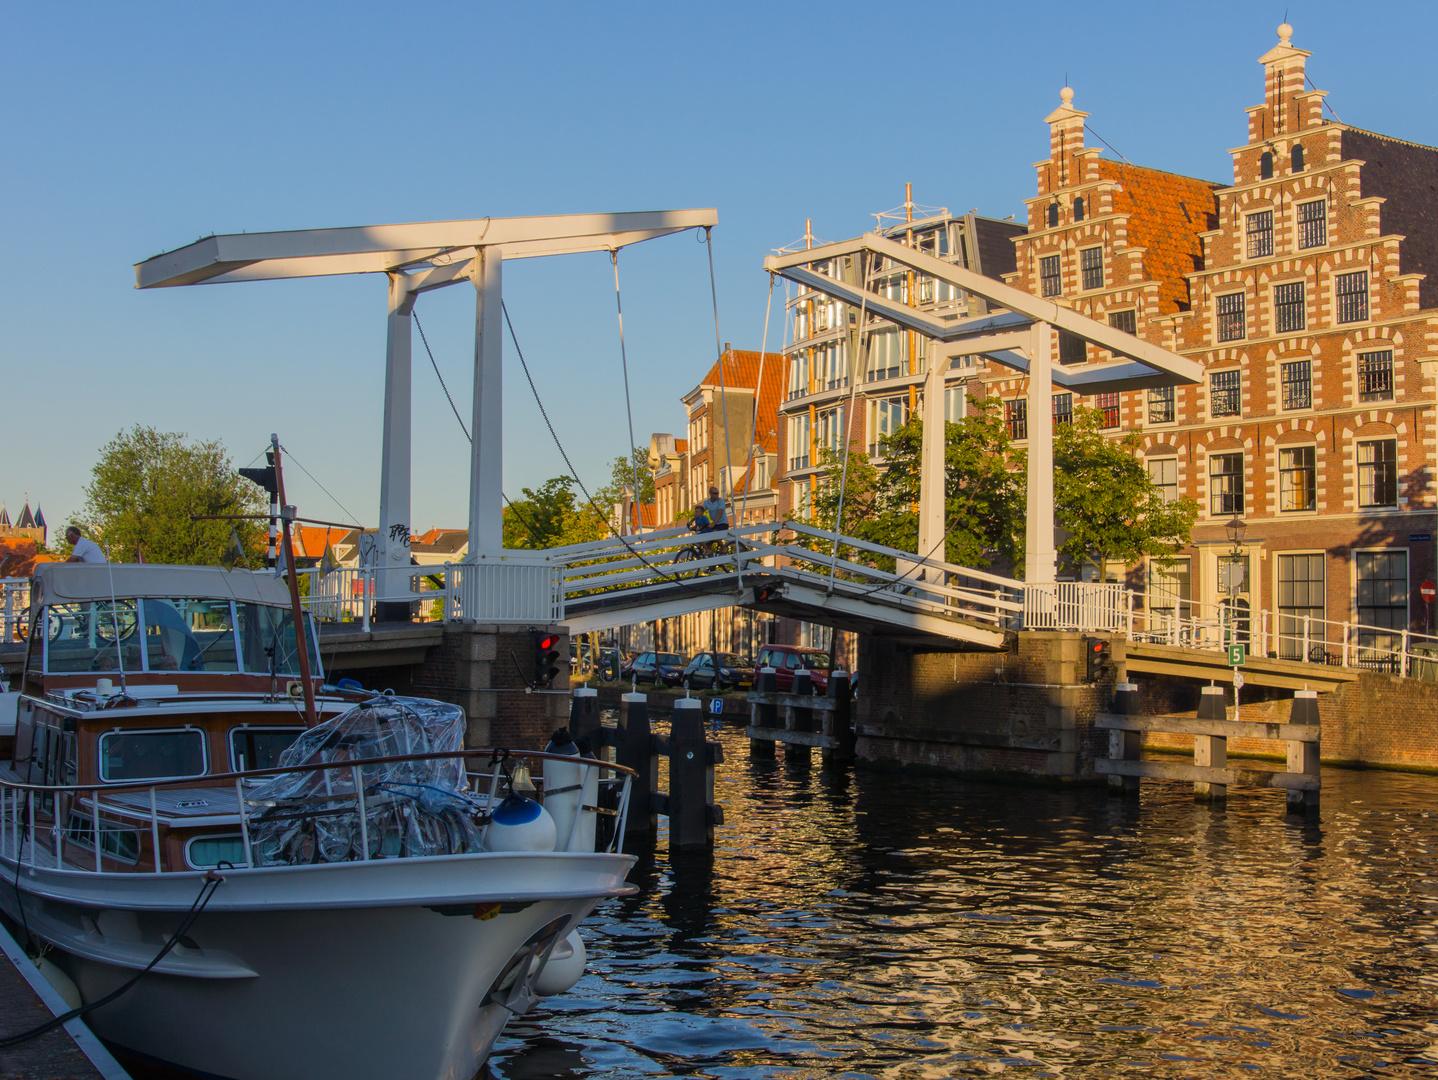 Grachtenansicht II - Haarlem/Niederlande